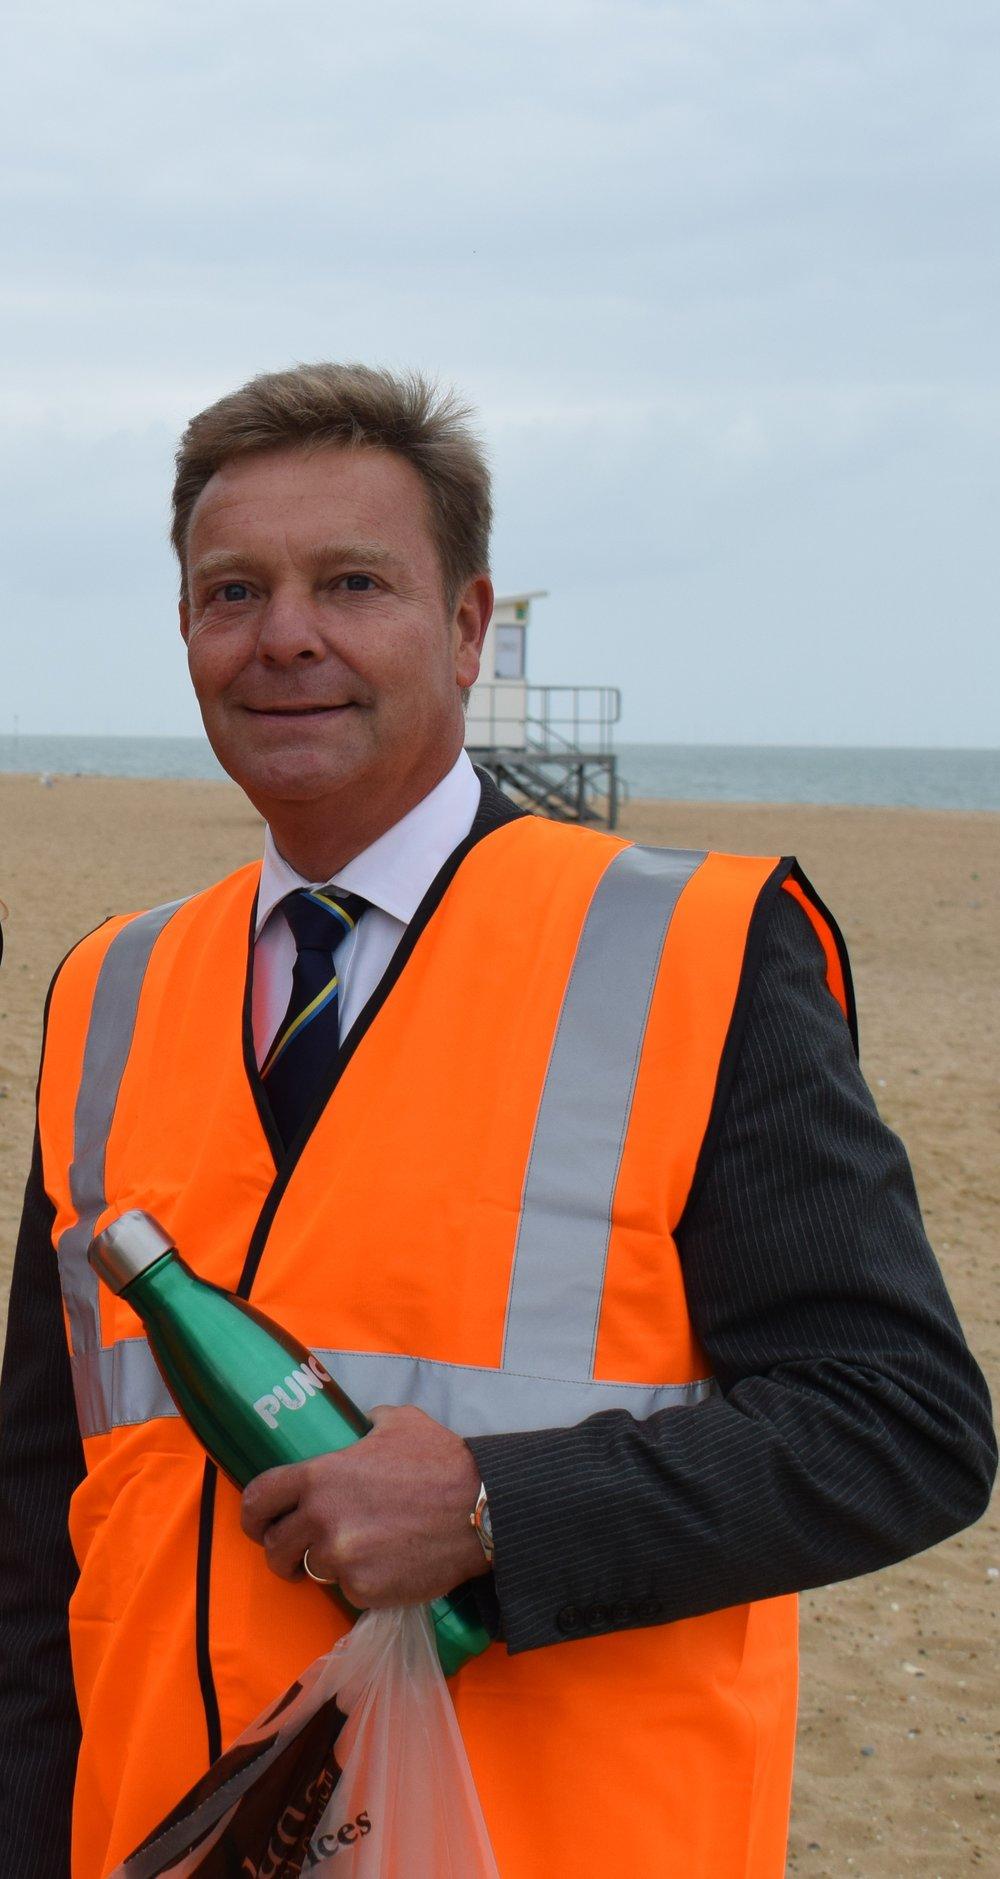 CM plastic litter pick Ramsgate Mar18.jpg